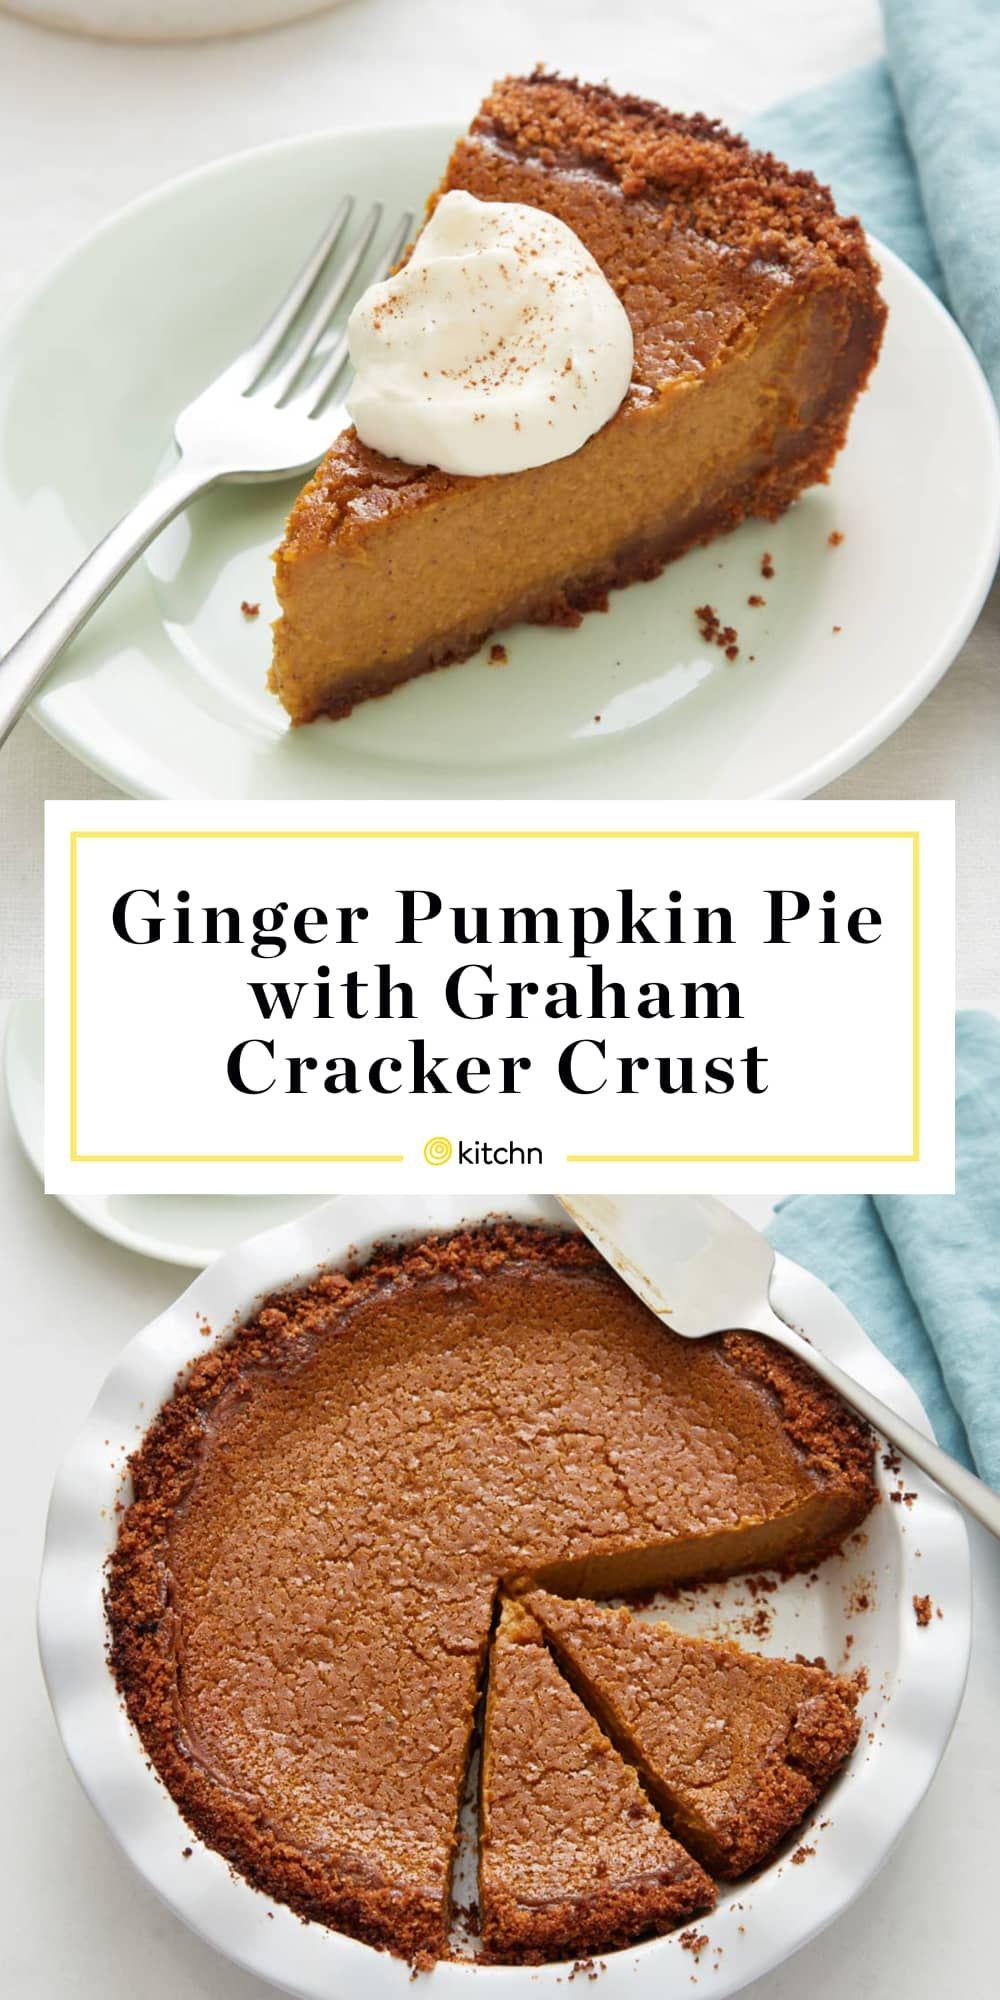 Recipe Ginger Pumpkin Pie With Graham Cracker Crust Recipe Easy Pumpkin Pie Homemade Graham Crackers Graham Cracker Crust Recipe